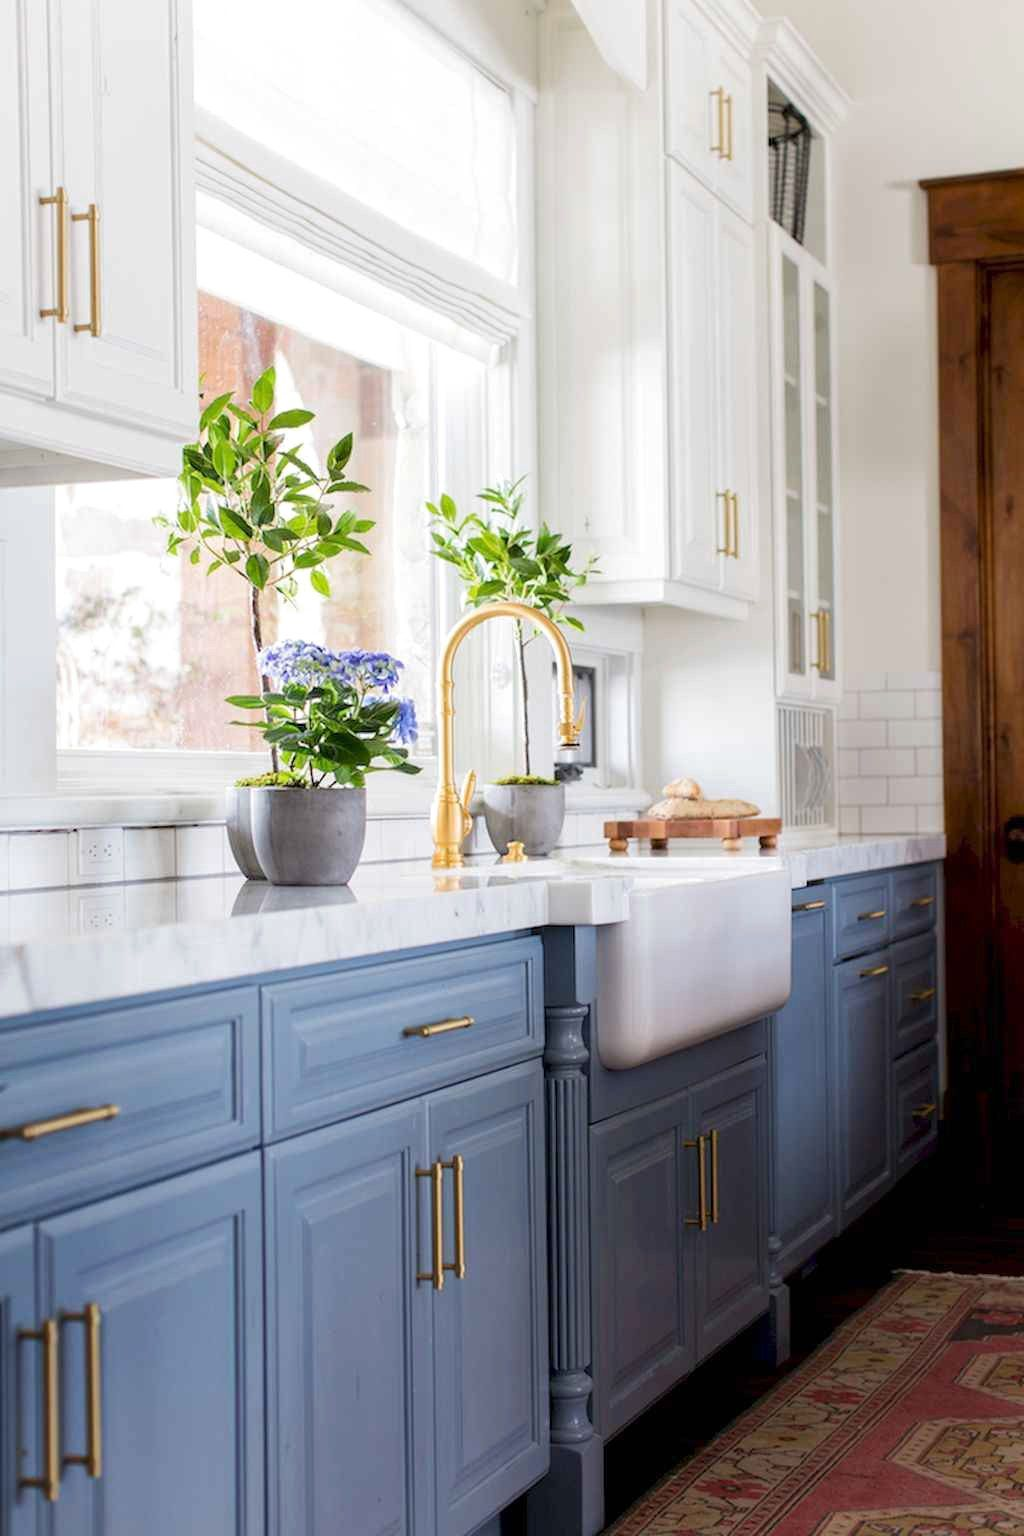 Amazing Farmhouse Kitchen Cabinet Design Ideas Frugal Living Kitchen Inspirations Kitchen Kitchen Design